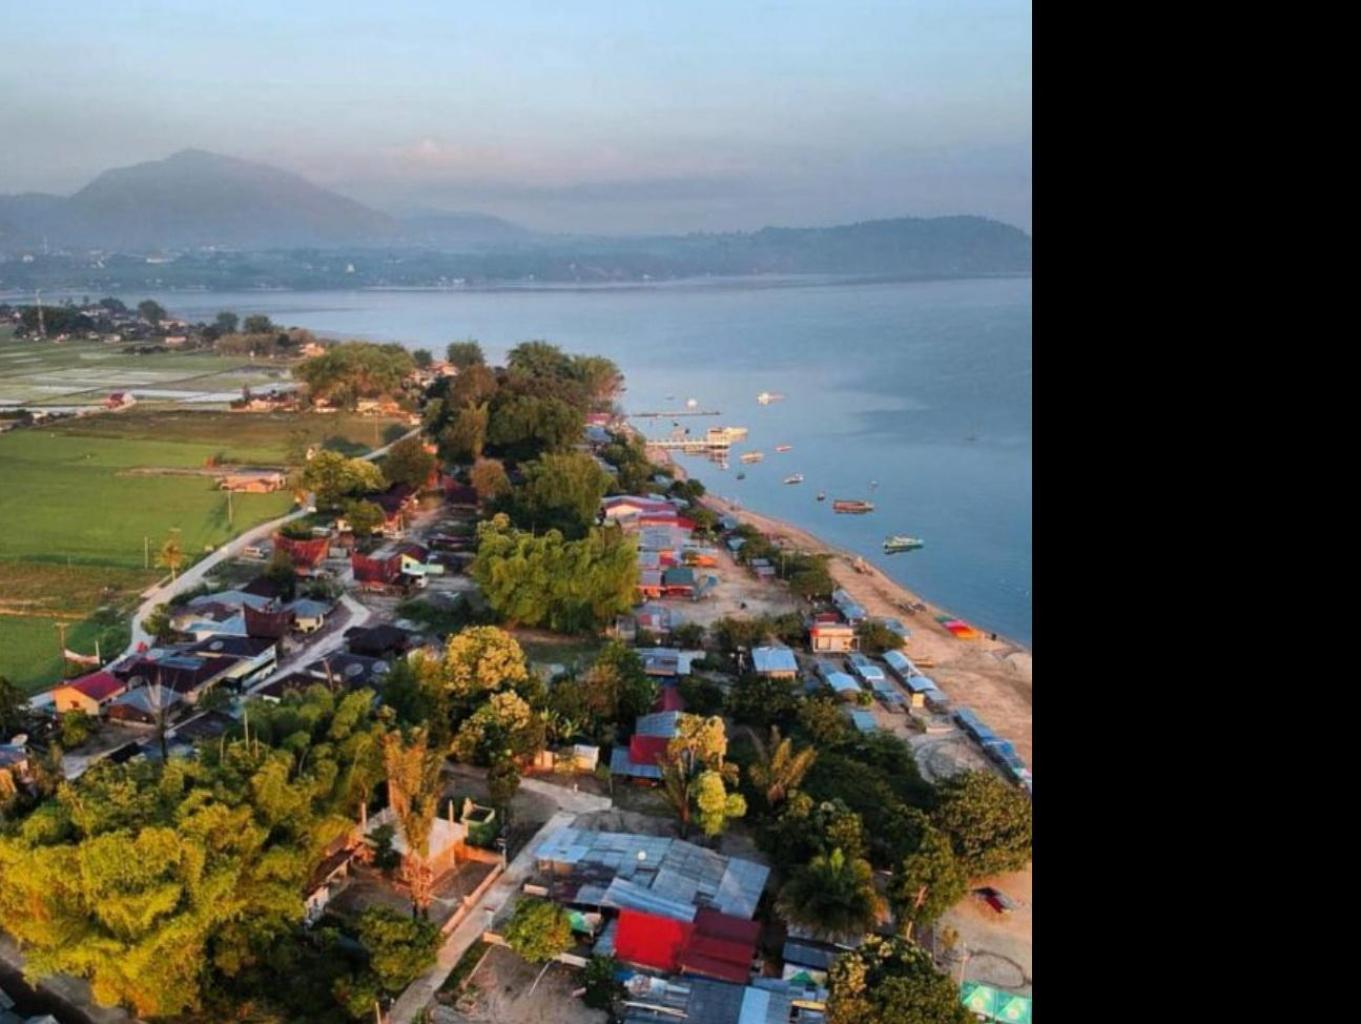 Desa Wisata Lumban Bulbul